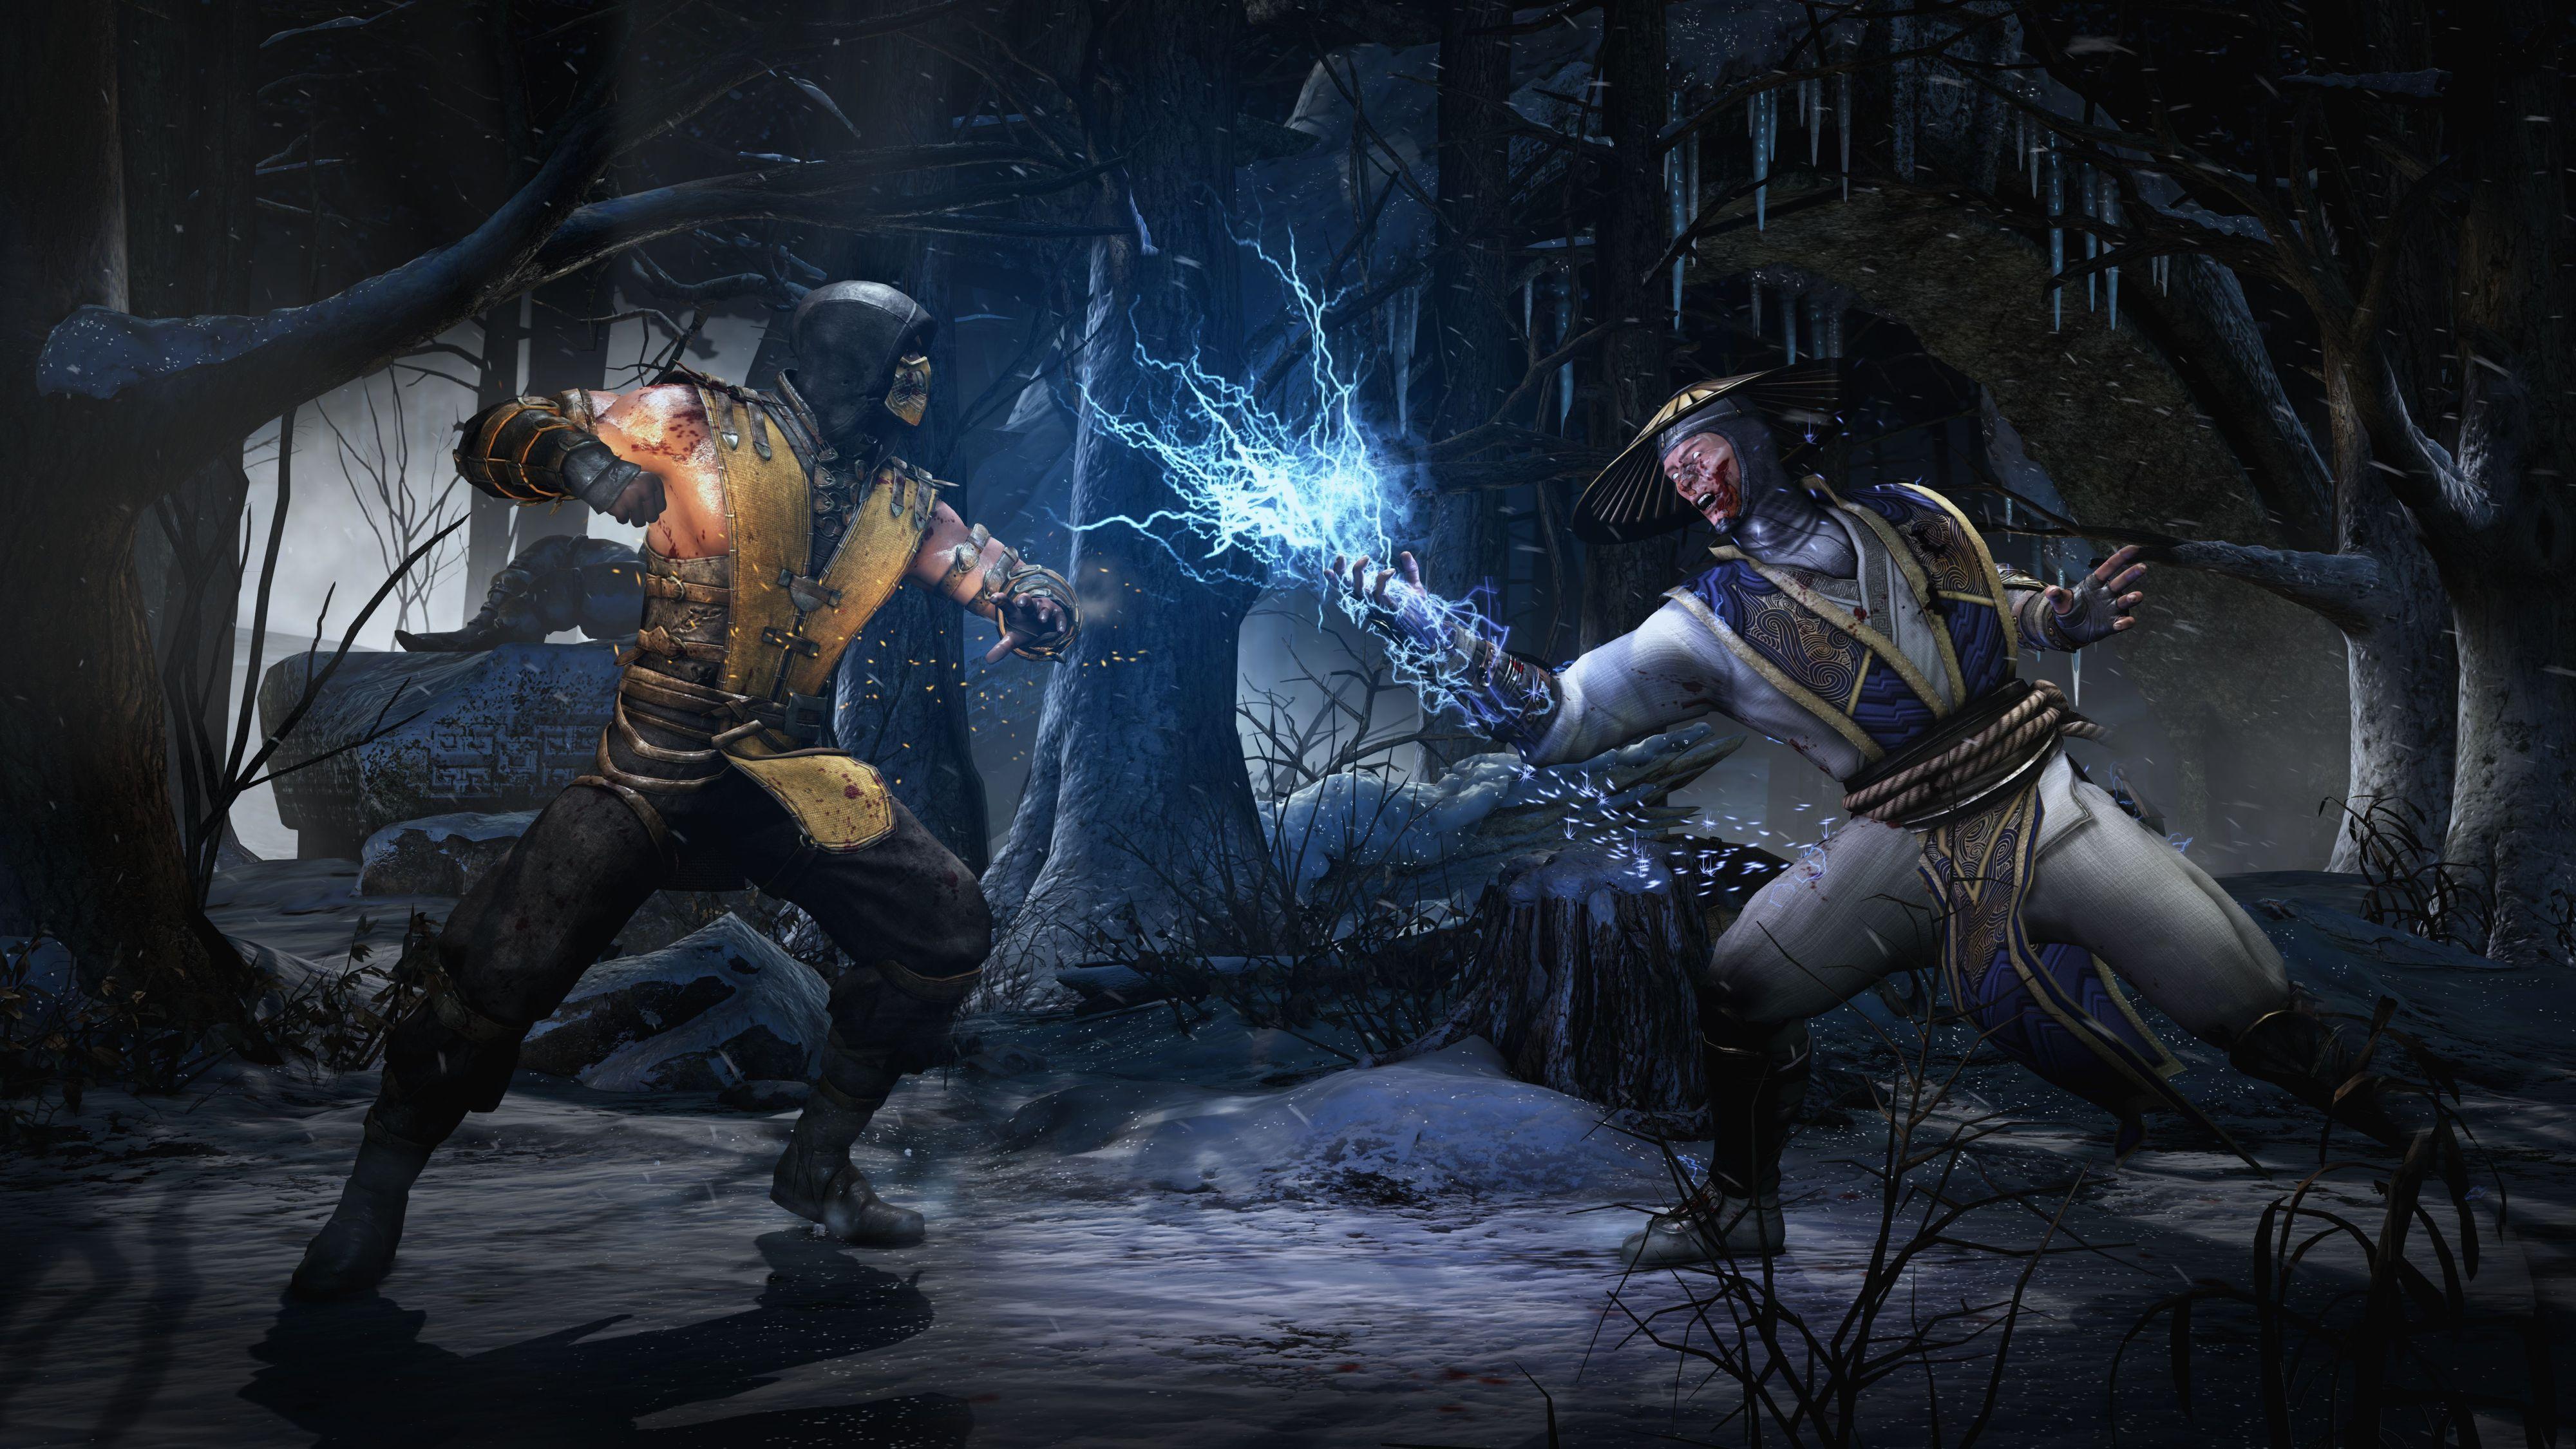 Pin By Achililongor On Mortal Kombat Mortal Kombat X Mortal